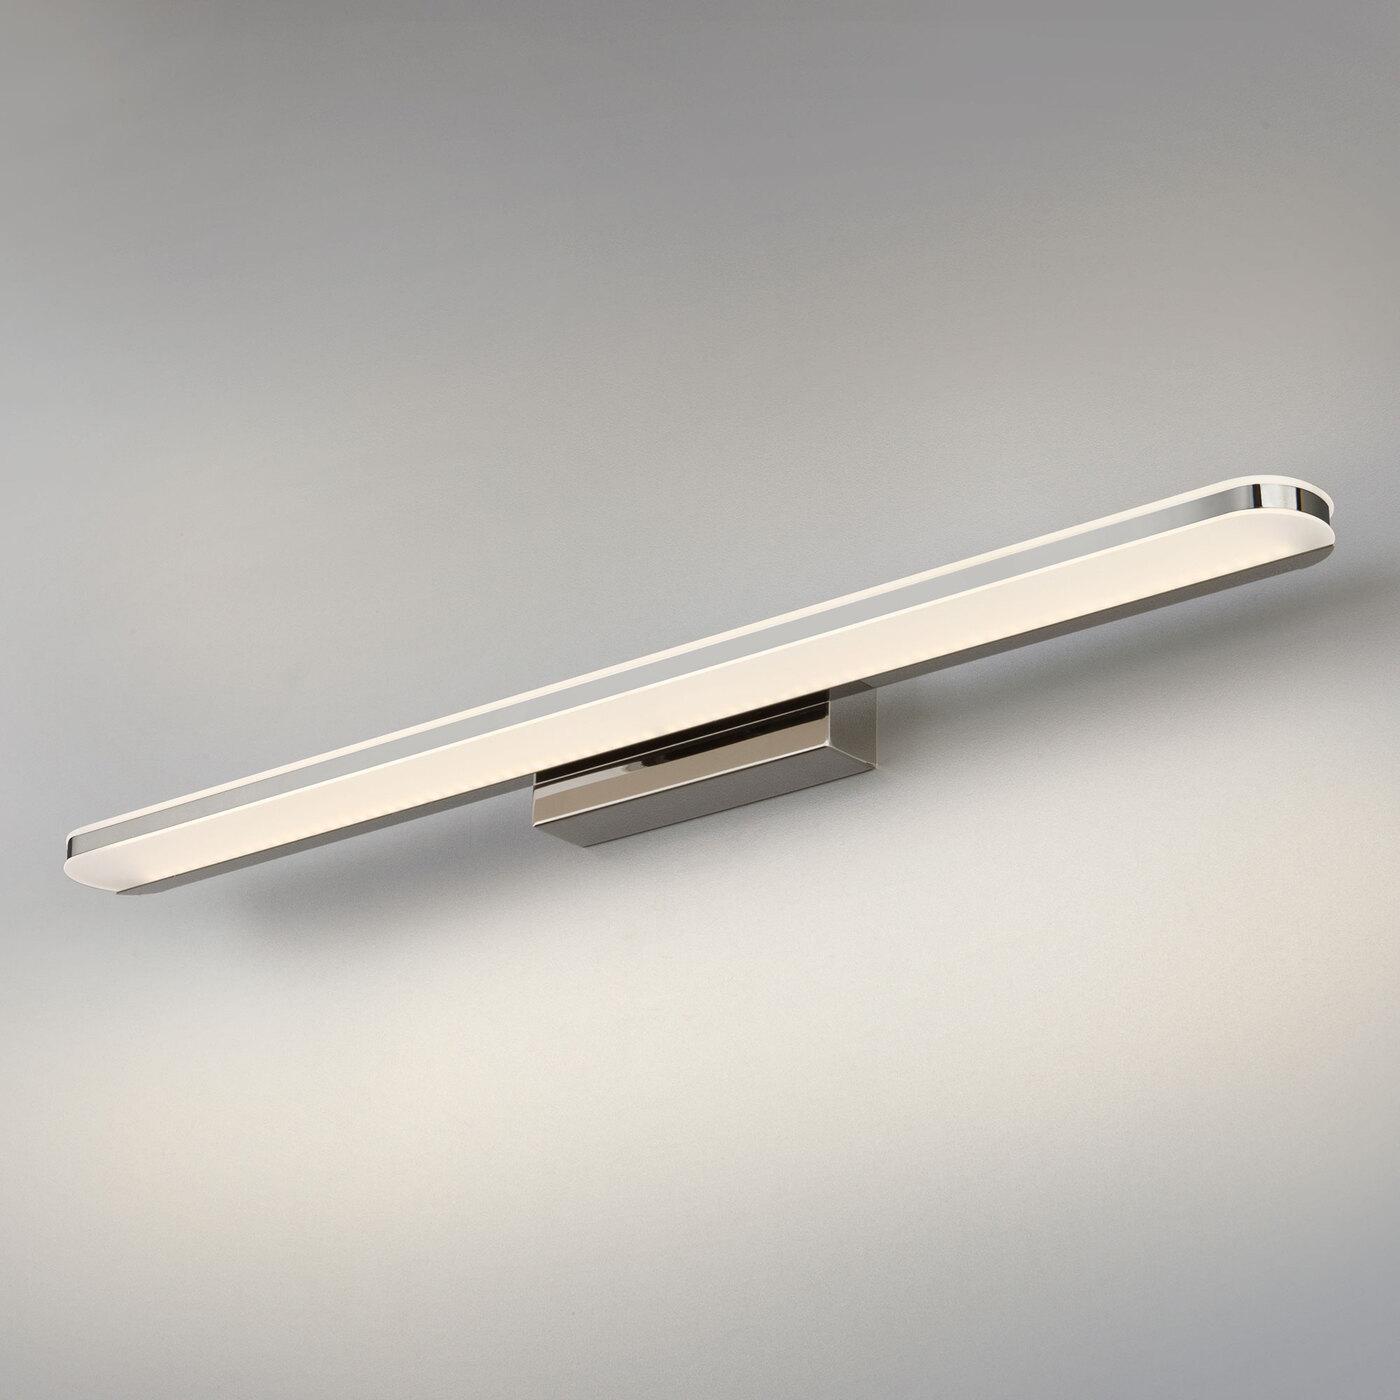 Настенный светильник Elektrostandard Tersa LED светодиодный MRL LED 1080, 14 Вт elektrostandard настенный светильник elektrostandard inside led белый матовый mrl led 12w